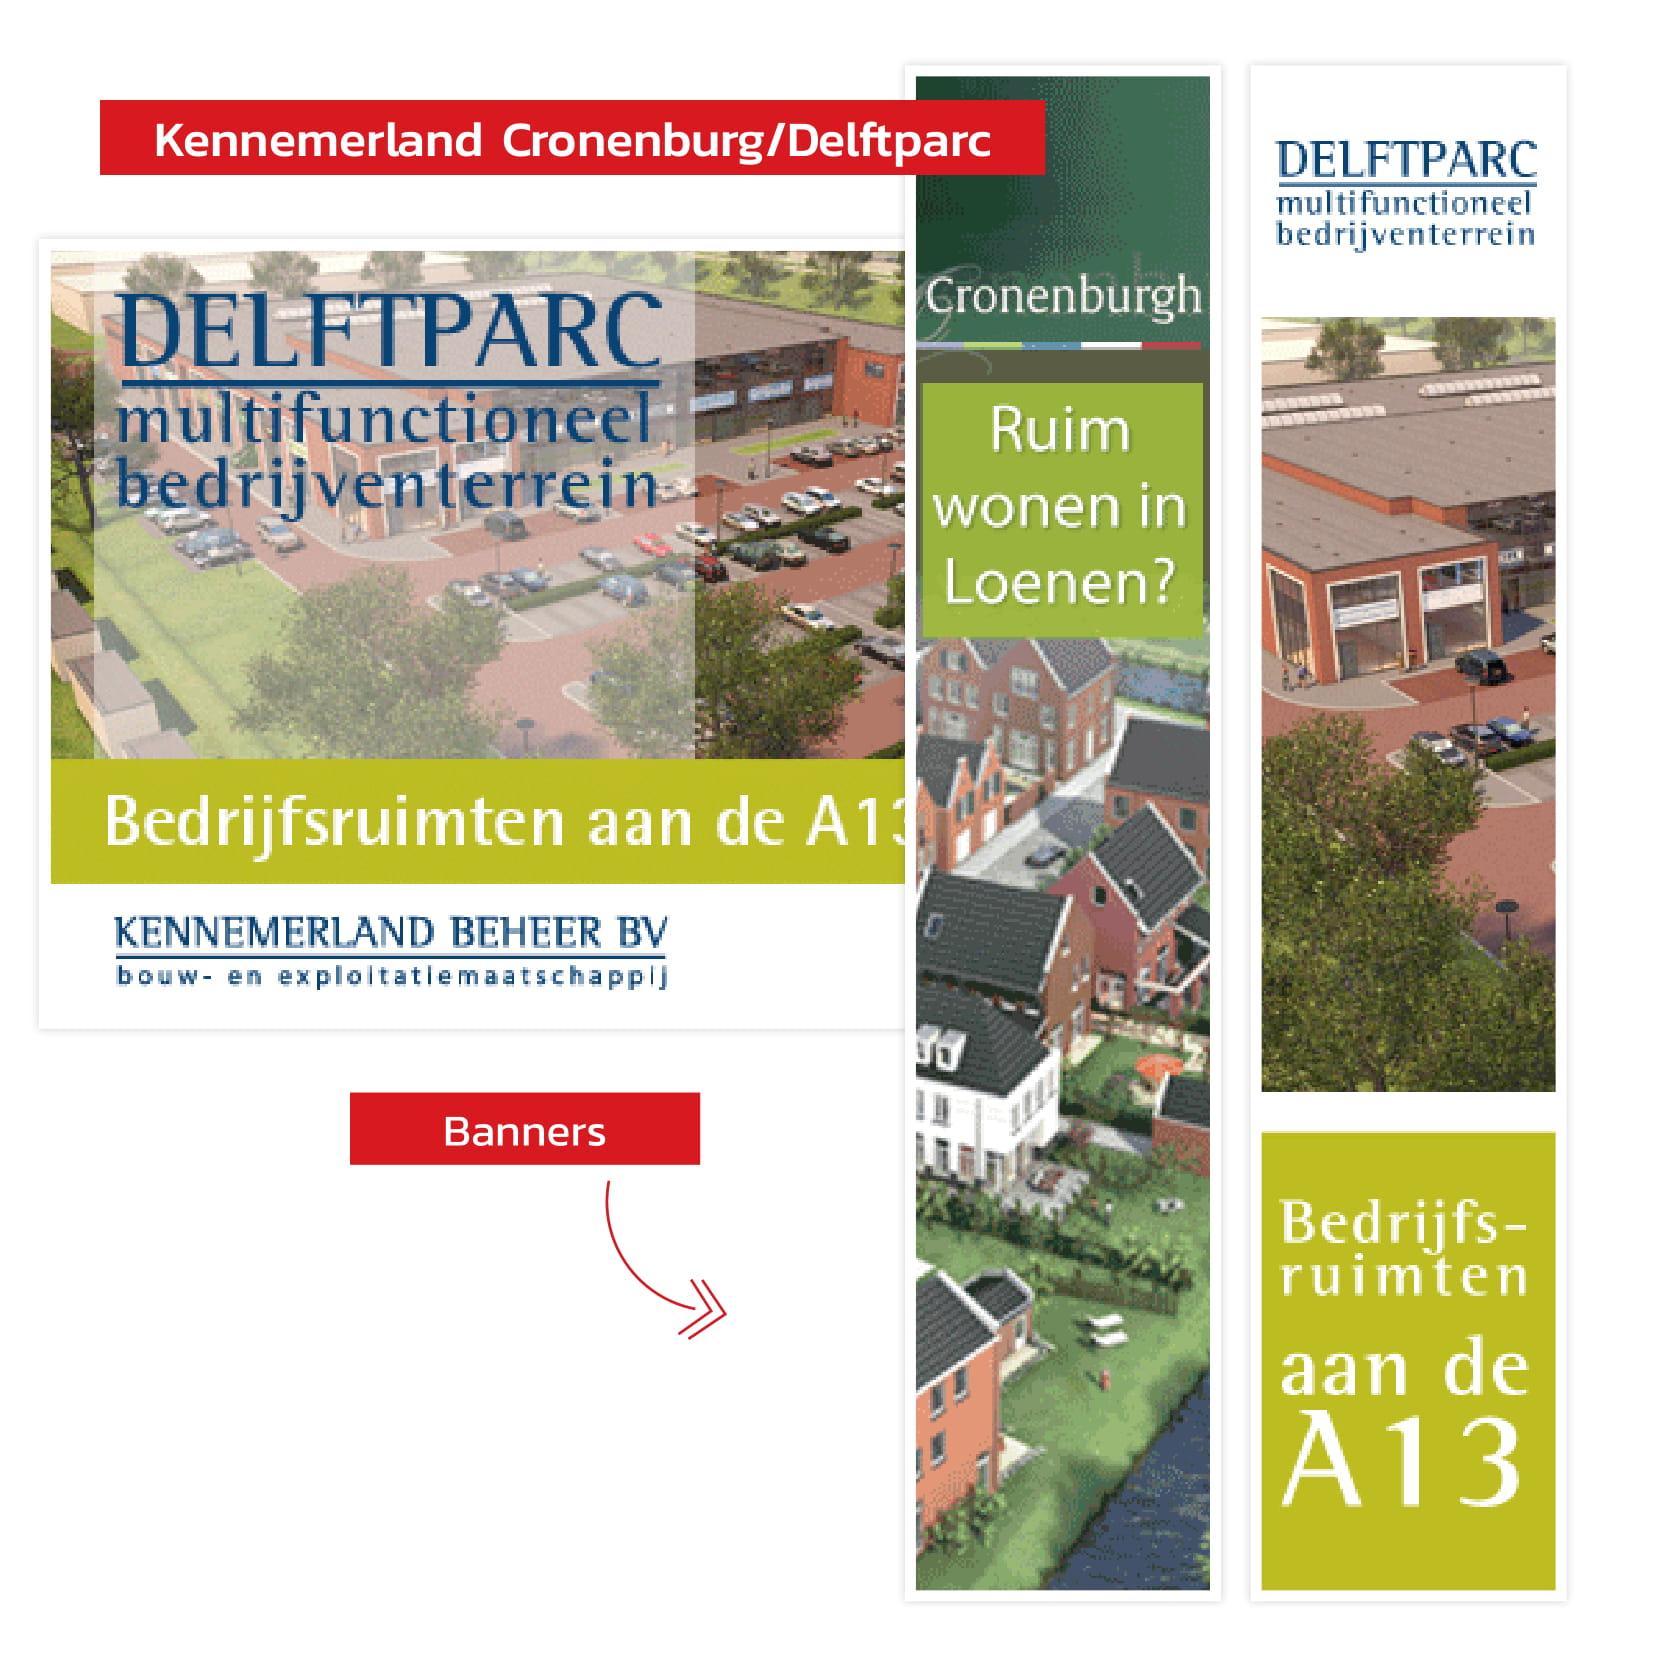 Kennemerland Cronenburg/Delftparc